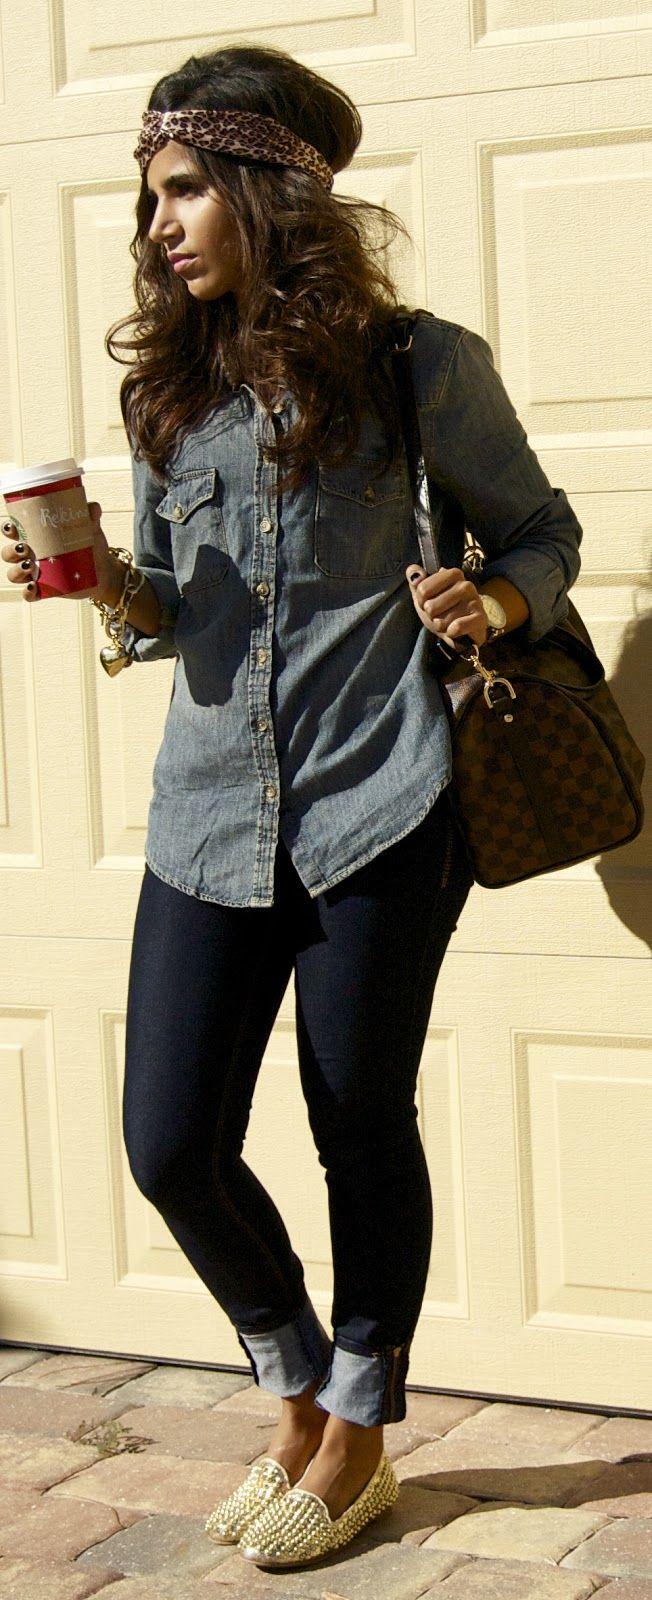 Super cute outfit denim on denim;)